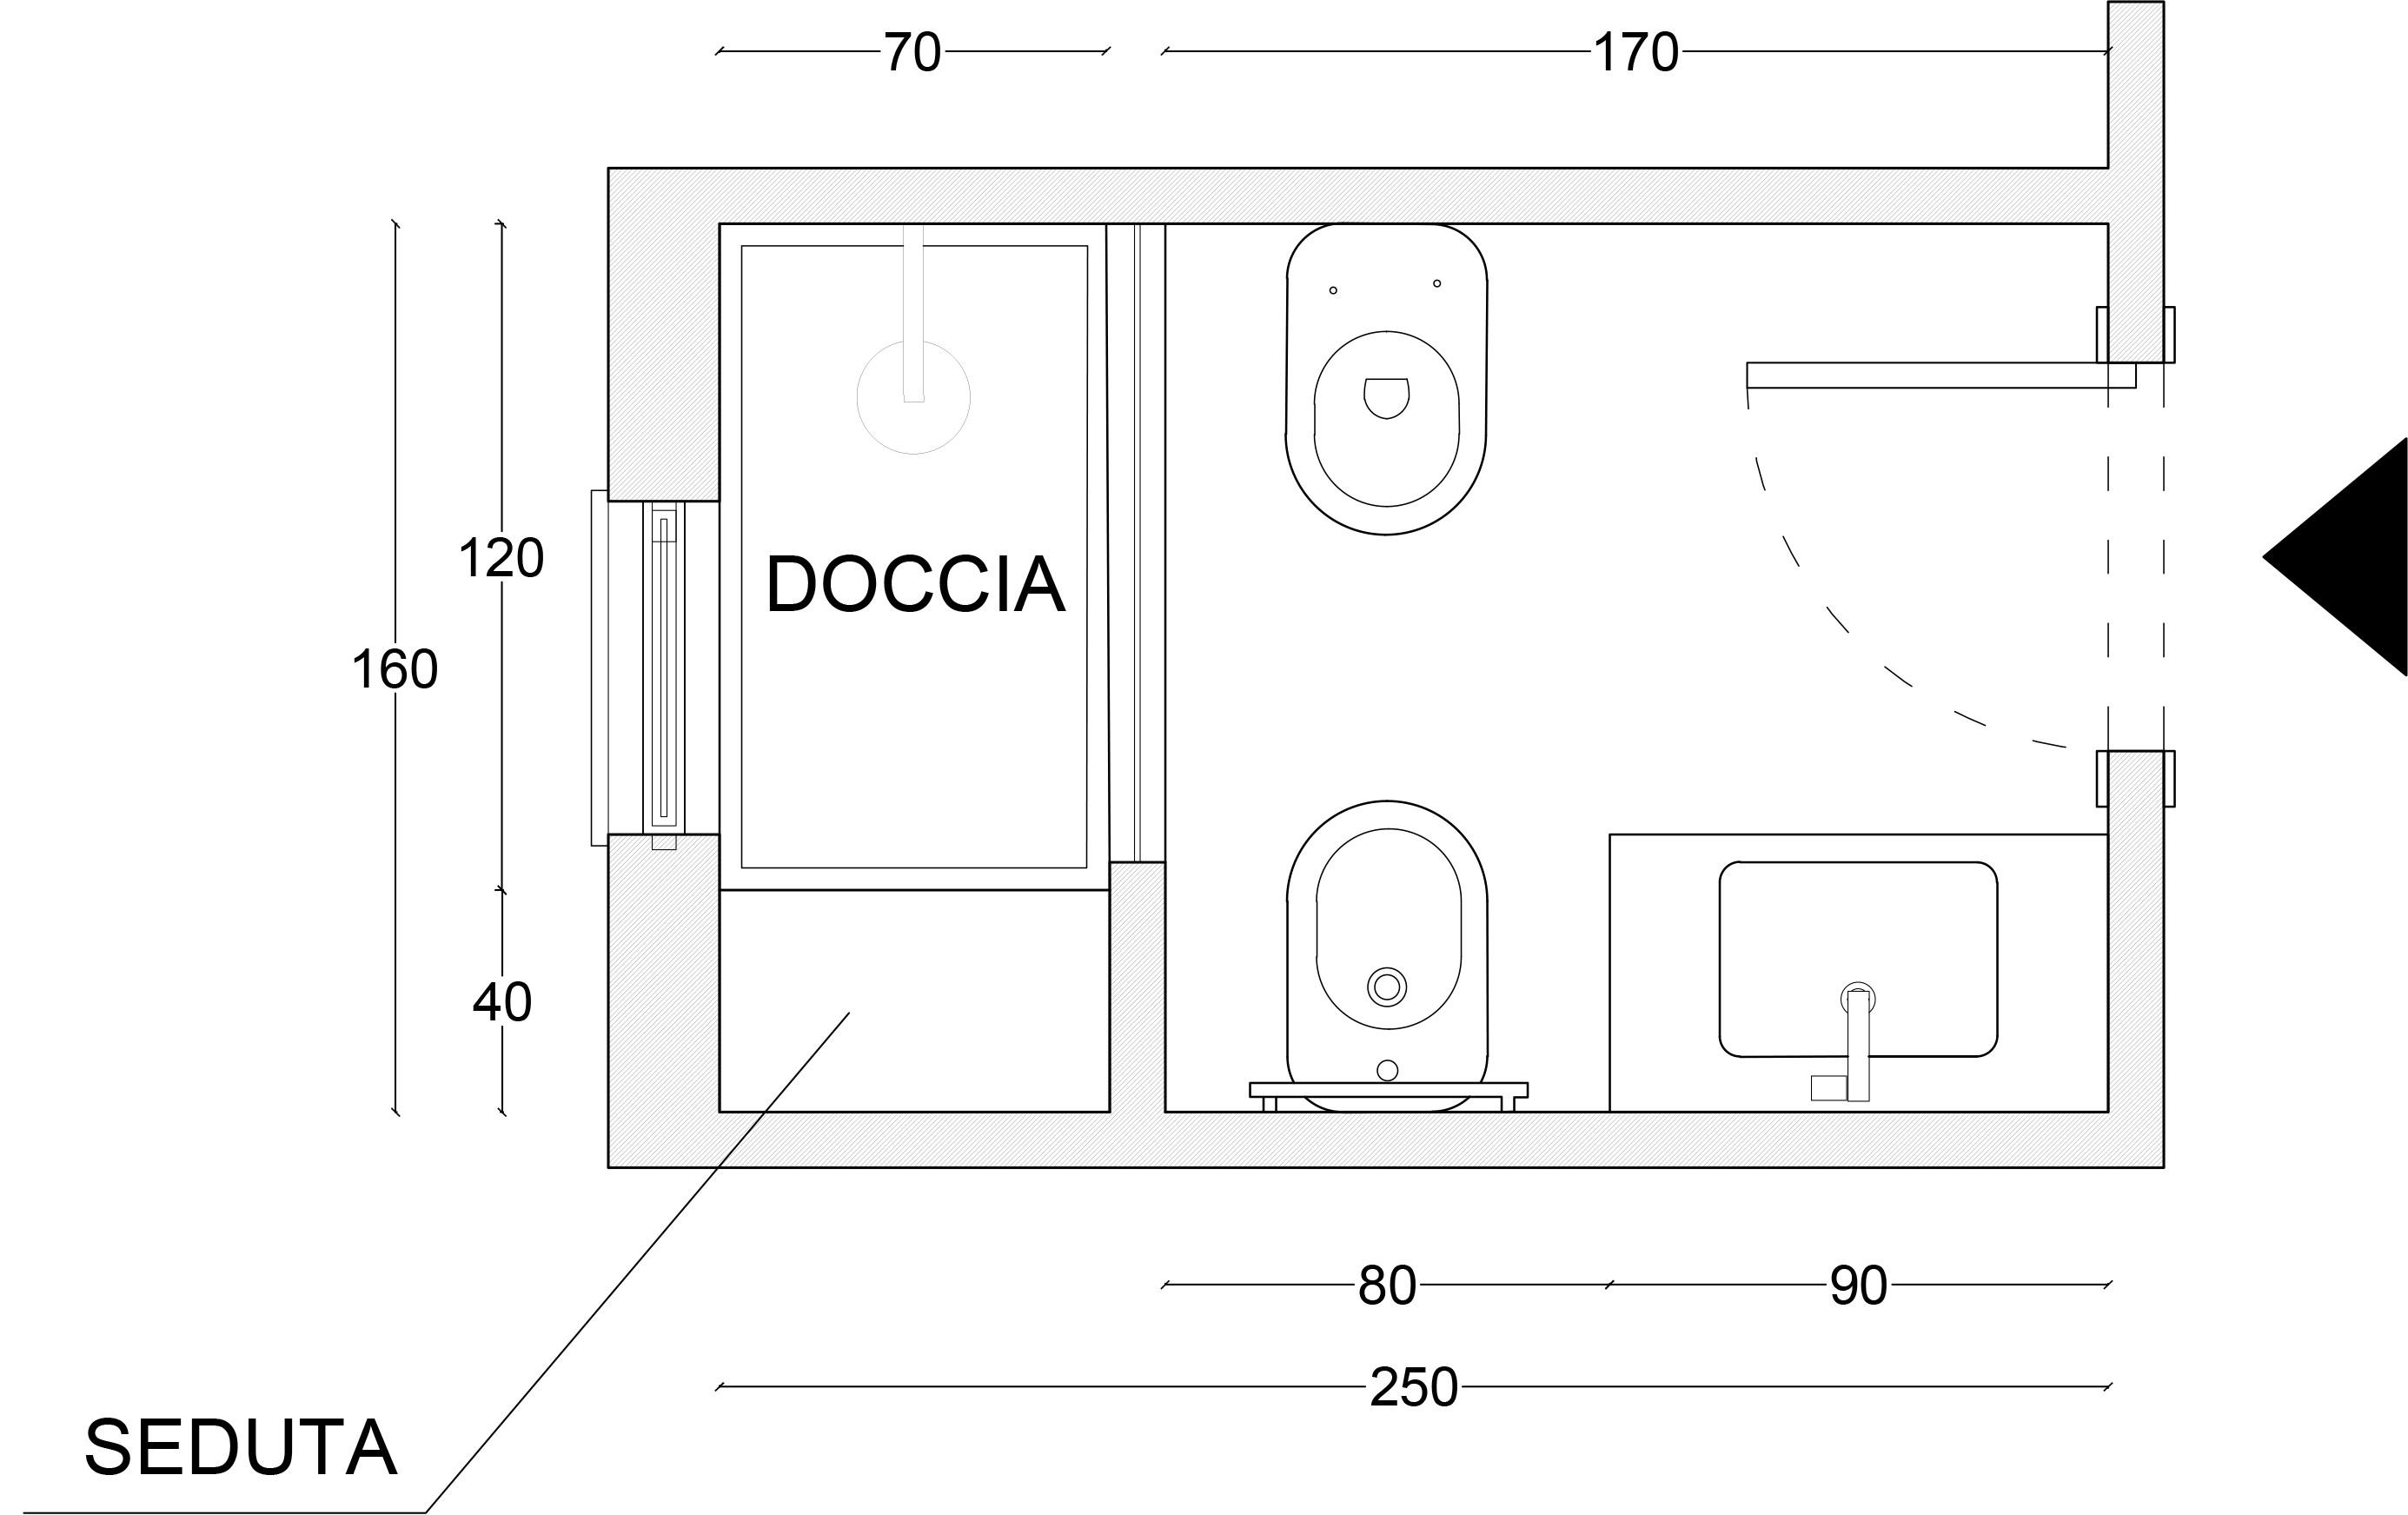 Tre semplici regole per progettare al meglio un bagno di piccole dimensioni tramezzo design - Bagno piccole dimensioni ...